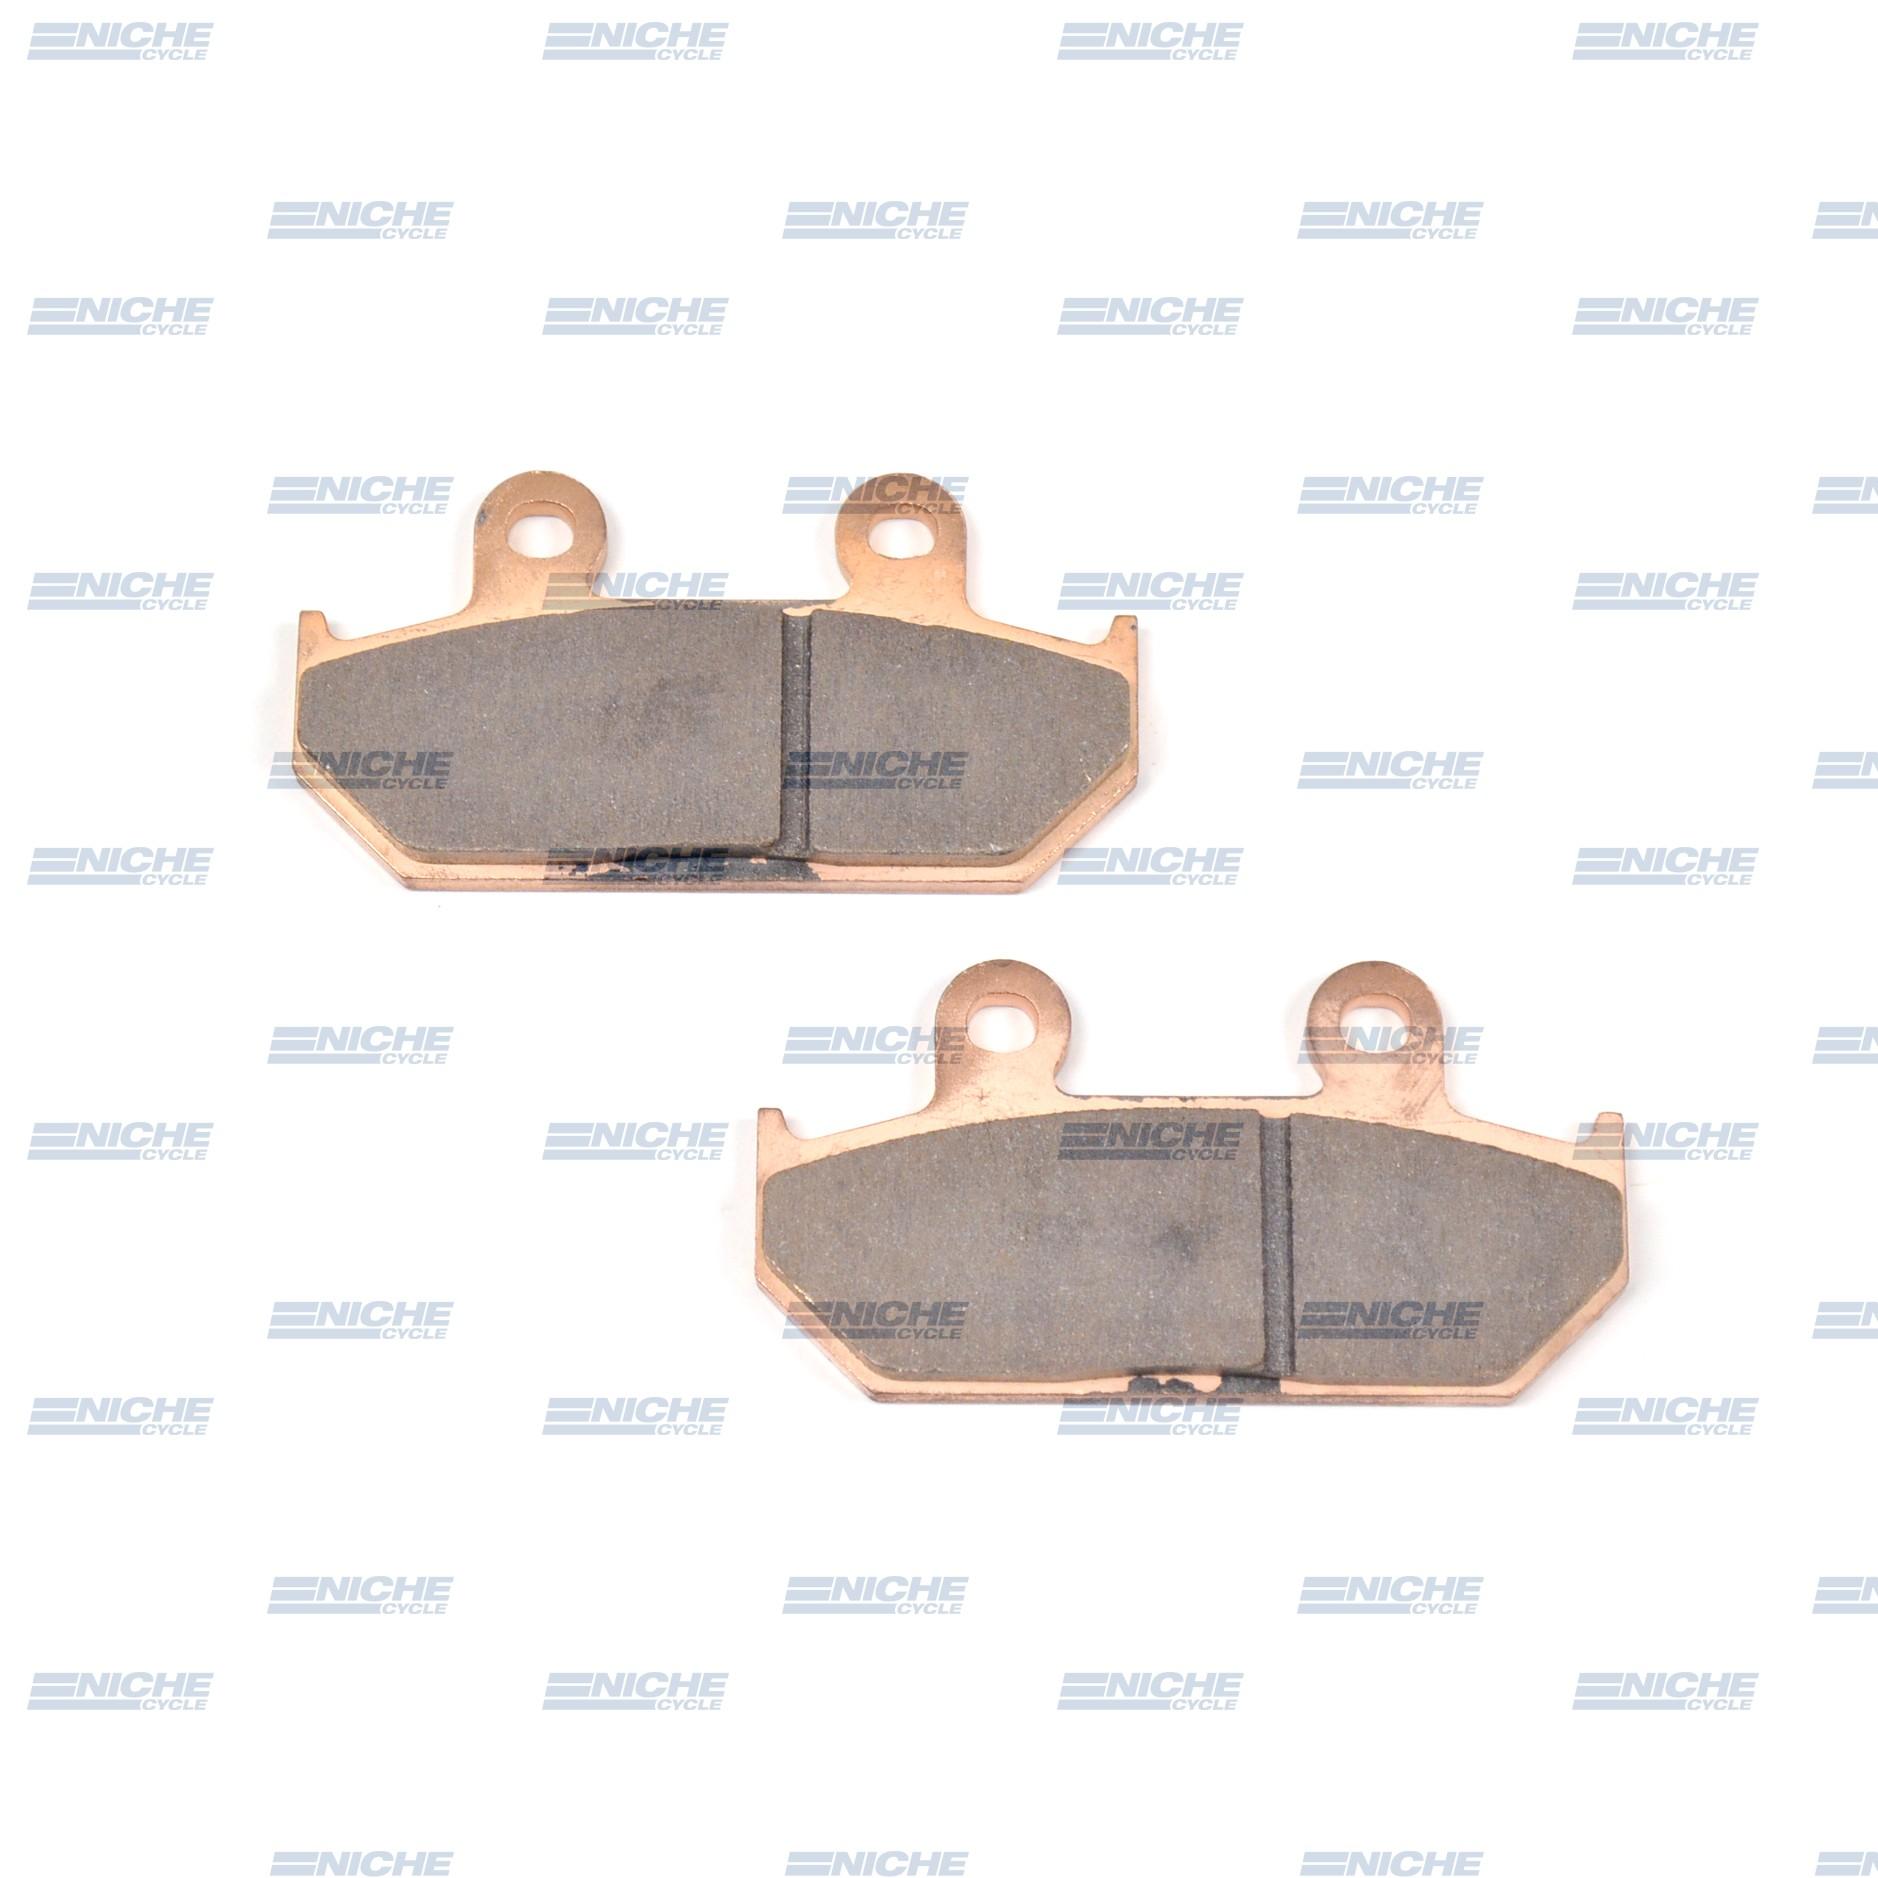 Brake Pad - Full Metal 64-51878